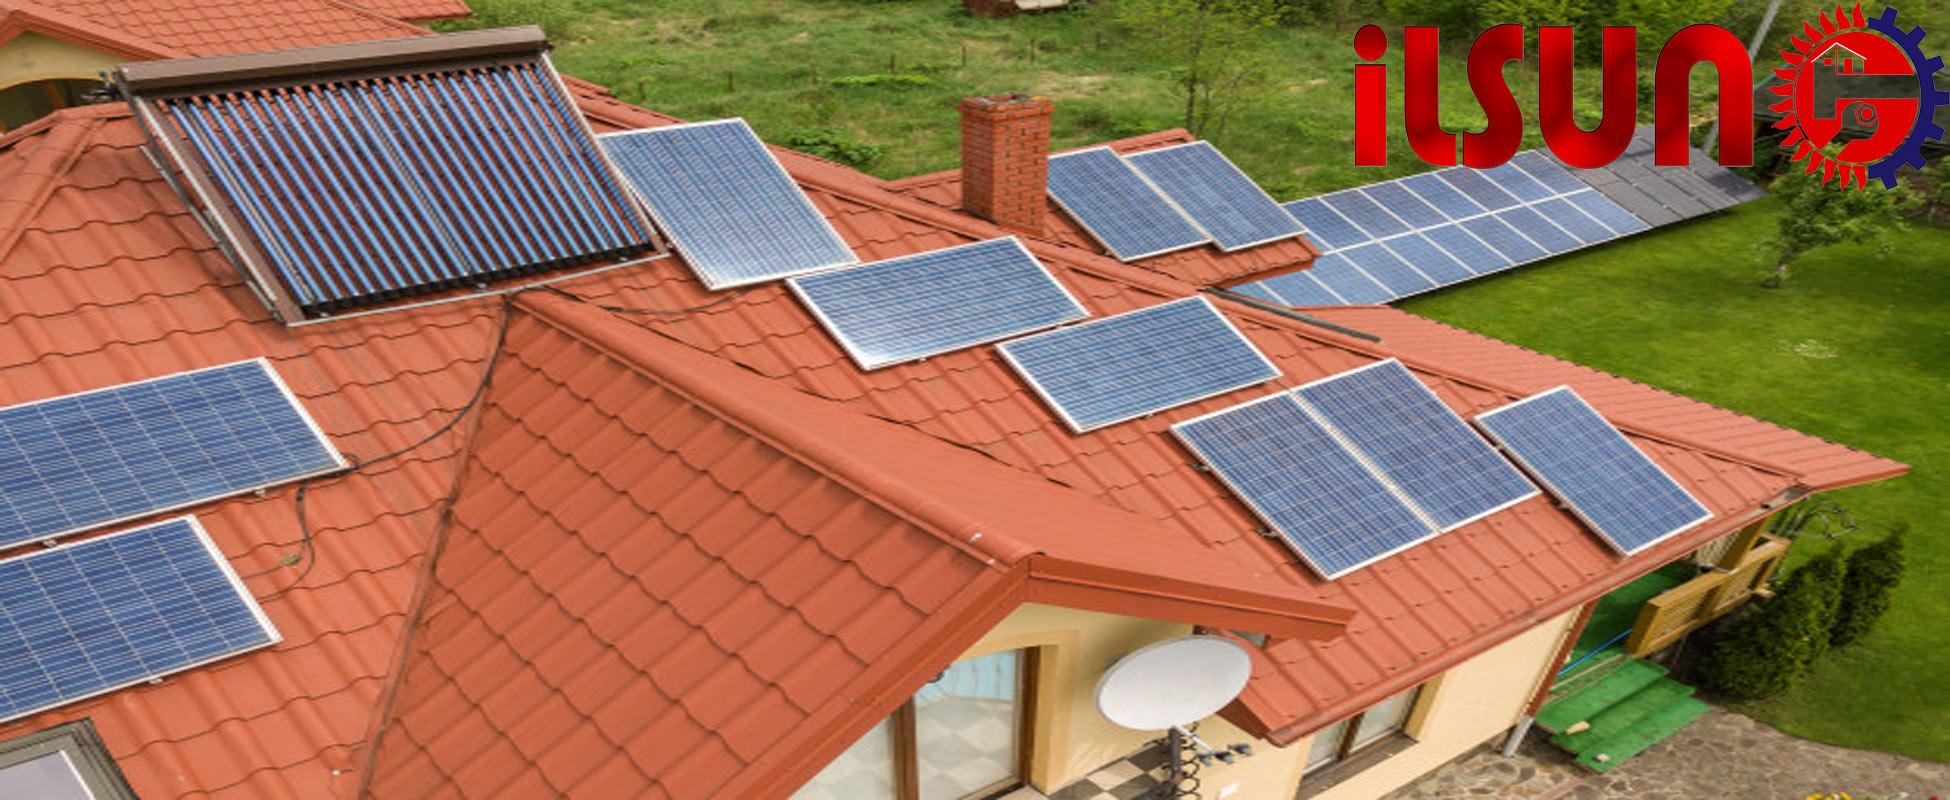 آیا از آبگرمکن خورشیدی میتوان در هوای ابری استفاده کرد؟